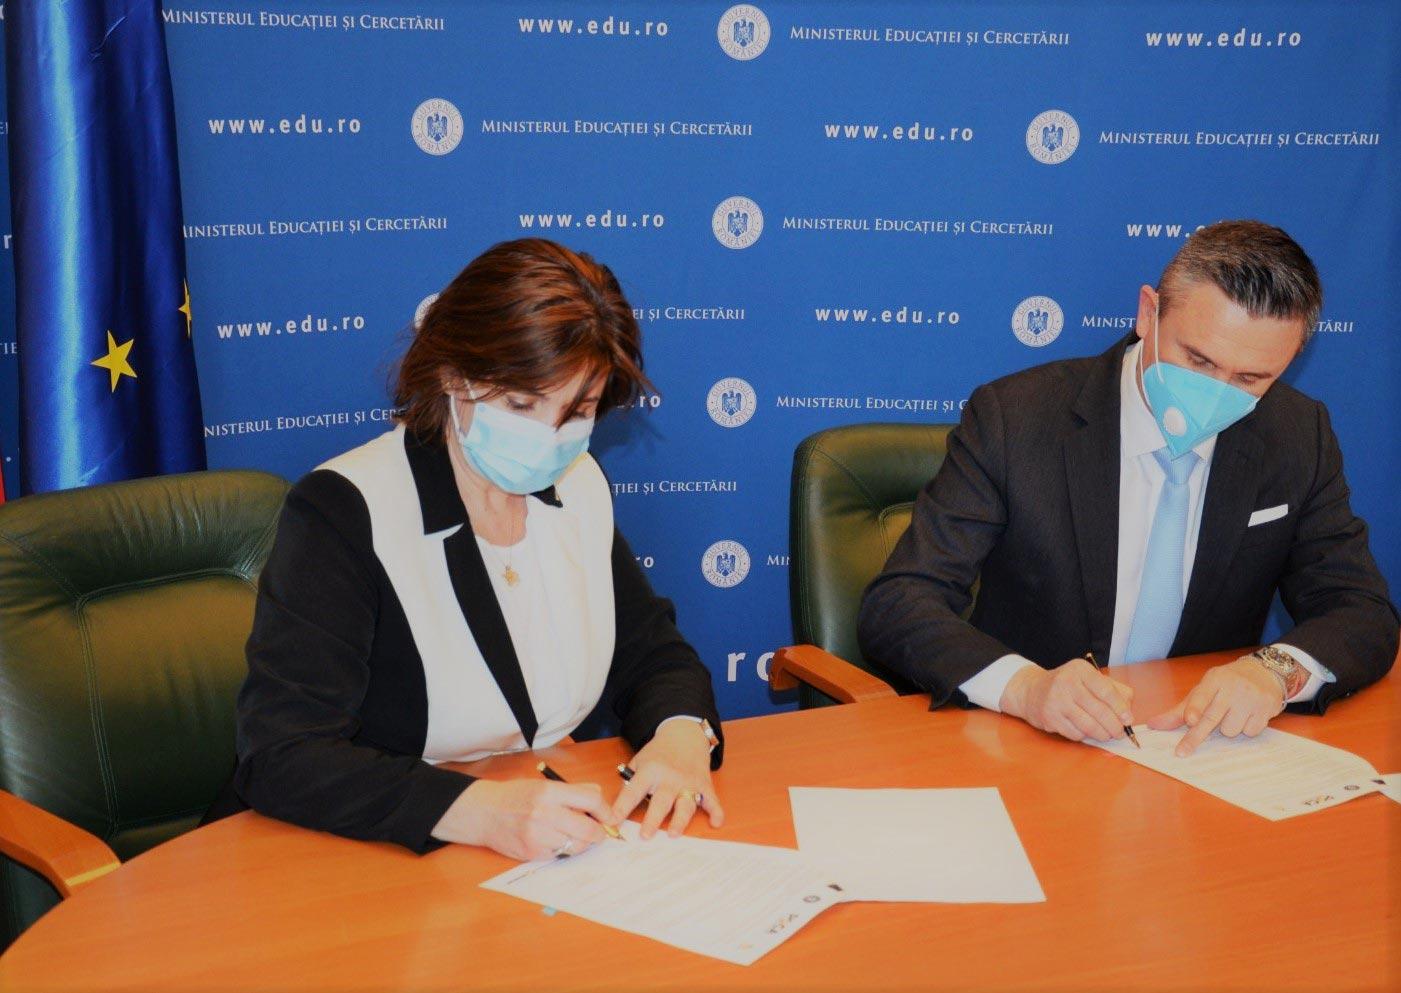 Sportul curat - obiectiv comun al Ministerului Educației și al Agenției Naționale Anti-Doping